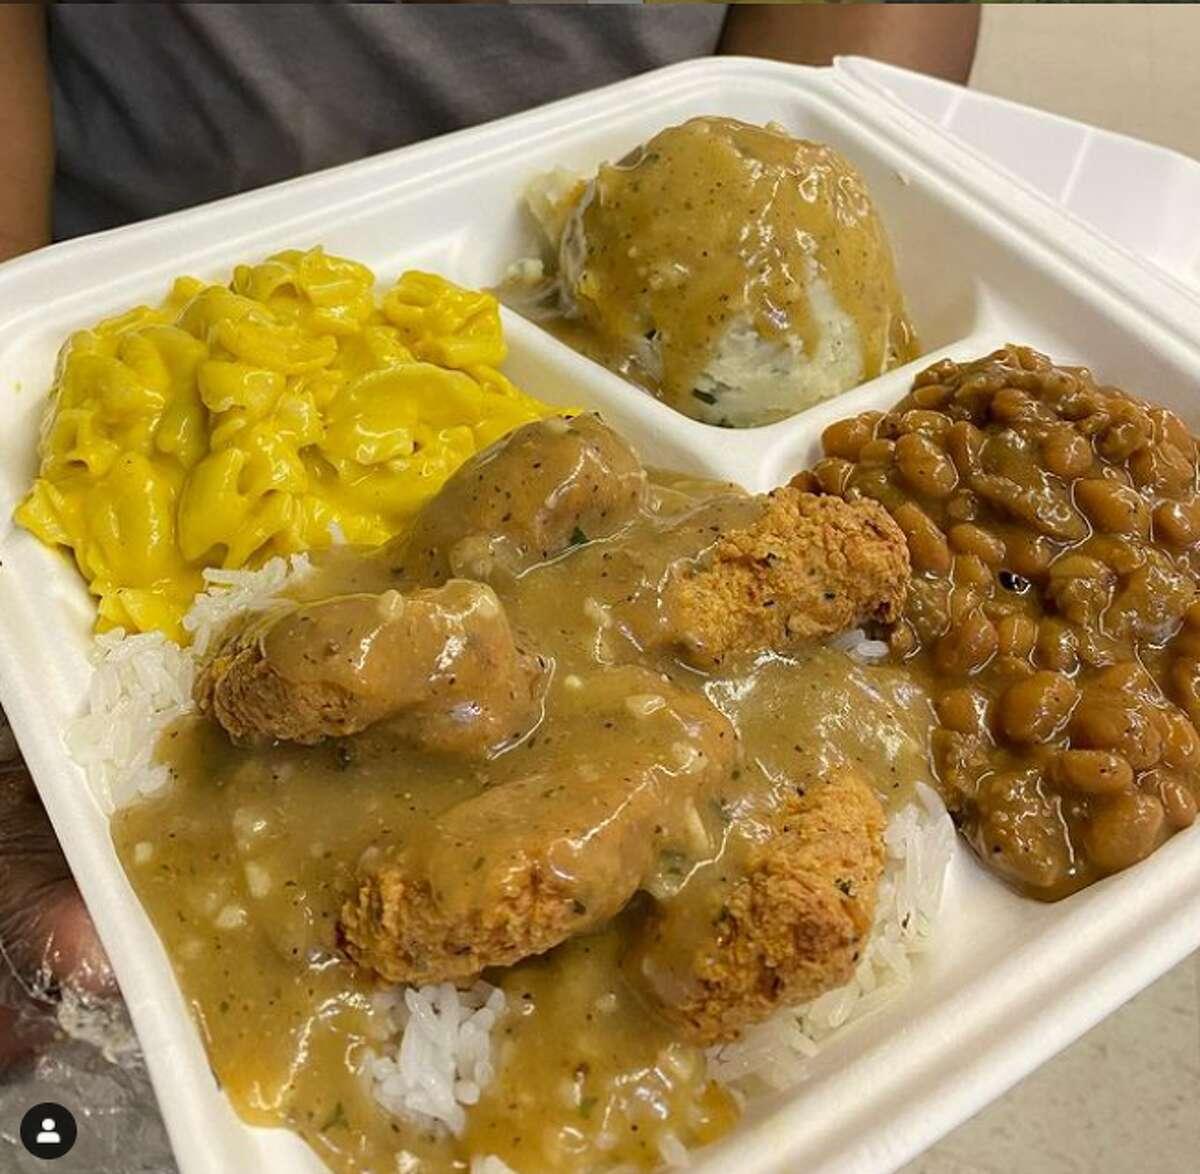 BINGE KITCHEN 449 McCarty Road, (210) 442-8126, eatbingekitchen.com CARMENS DE LA CALLE 320 N. Flores St., (210) 281-4349, carmensdelacalle.com